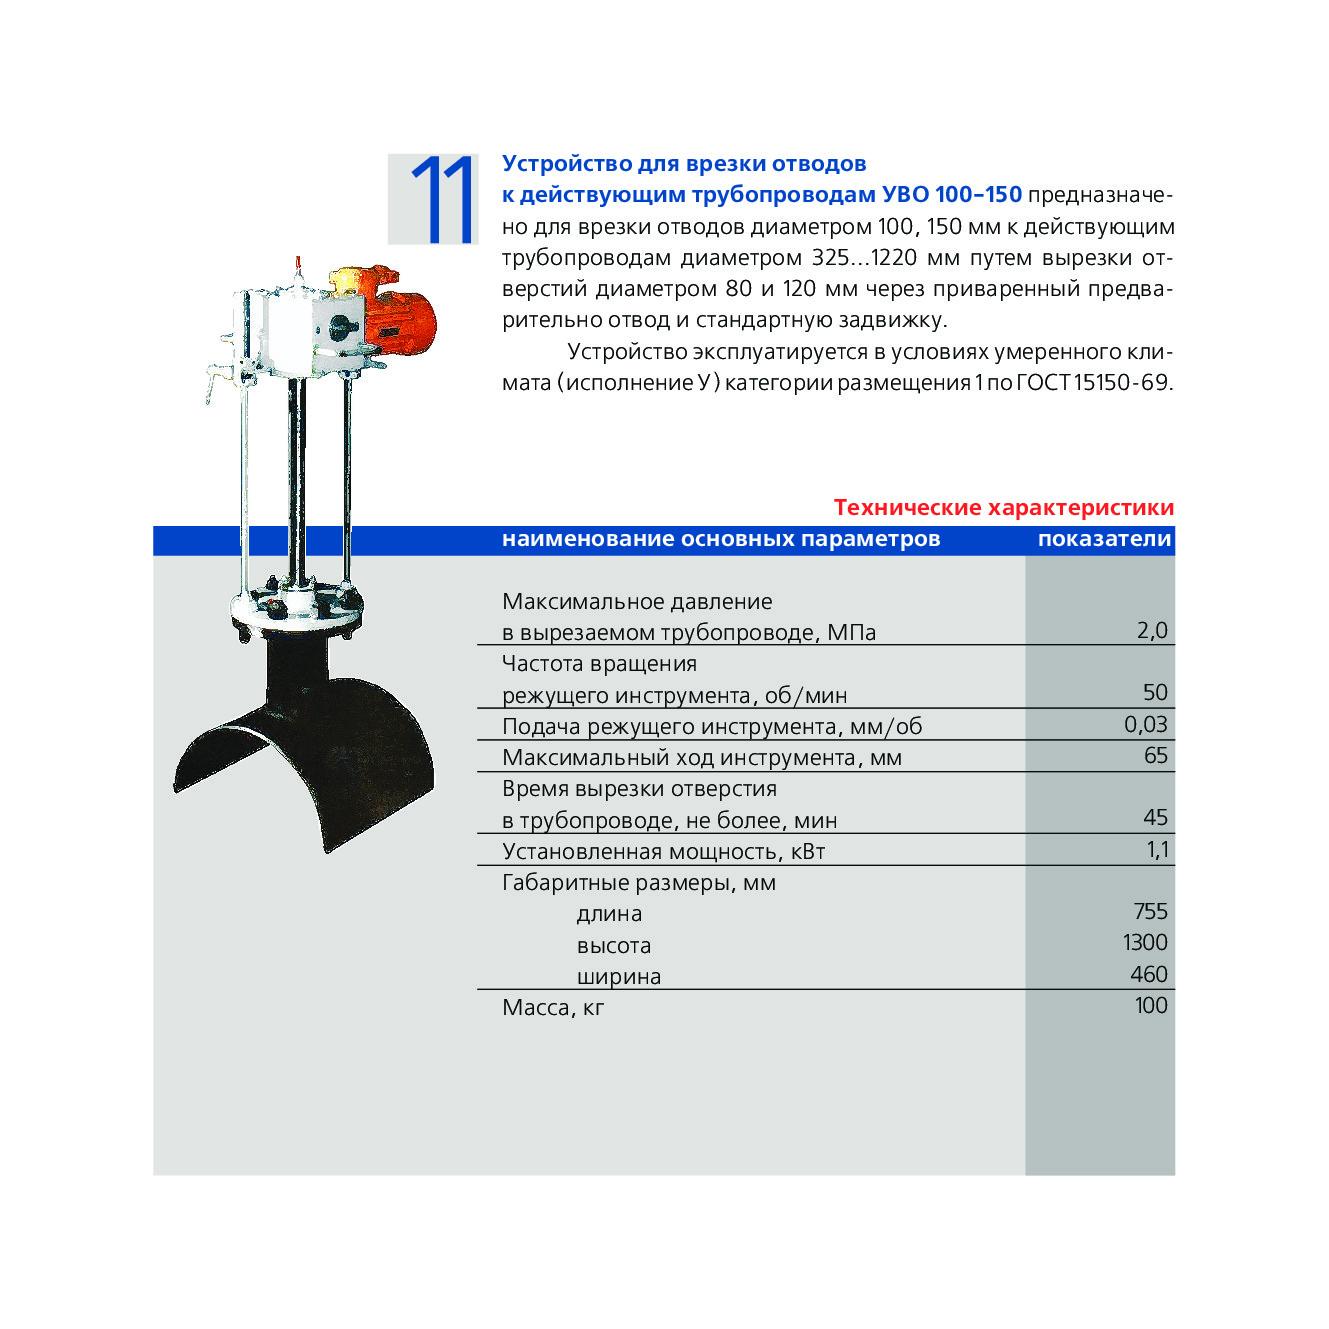 Устройство для врезки отводов к действующим трубопроводам УВО 100-150